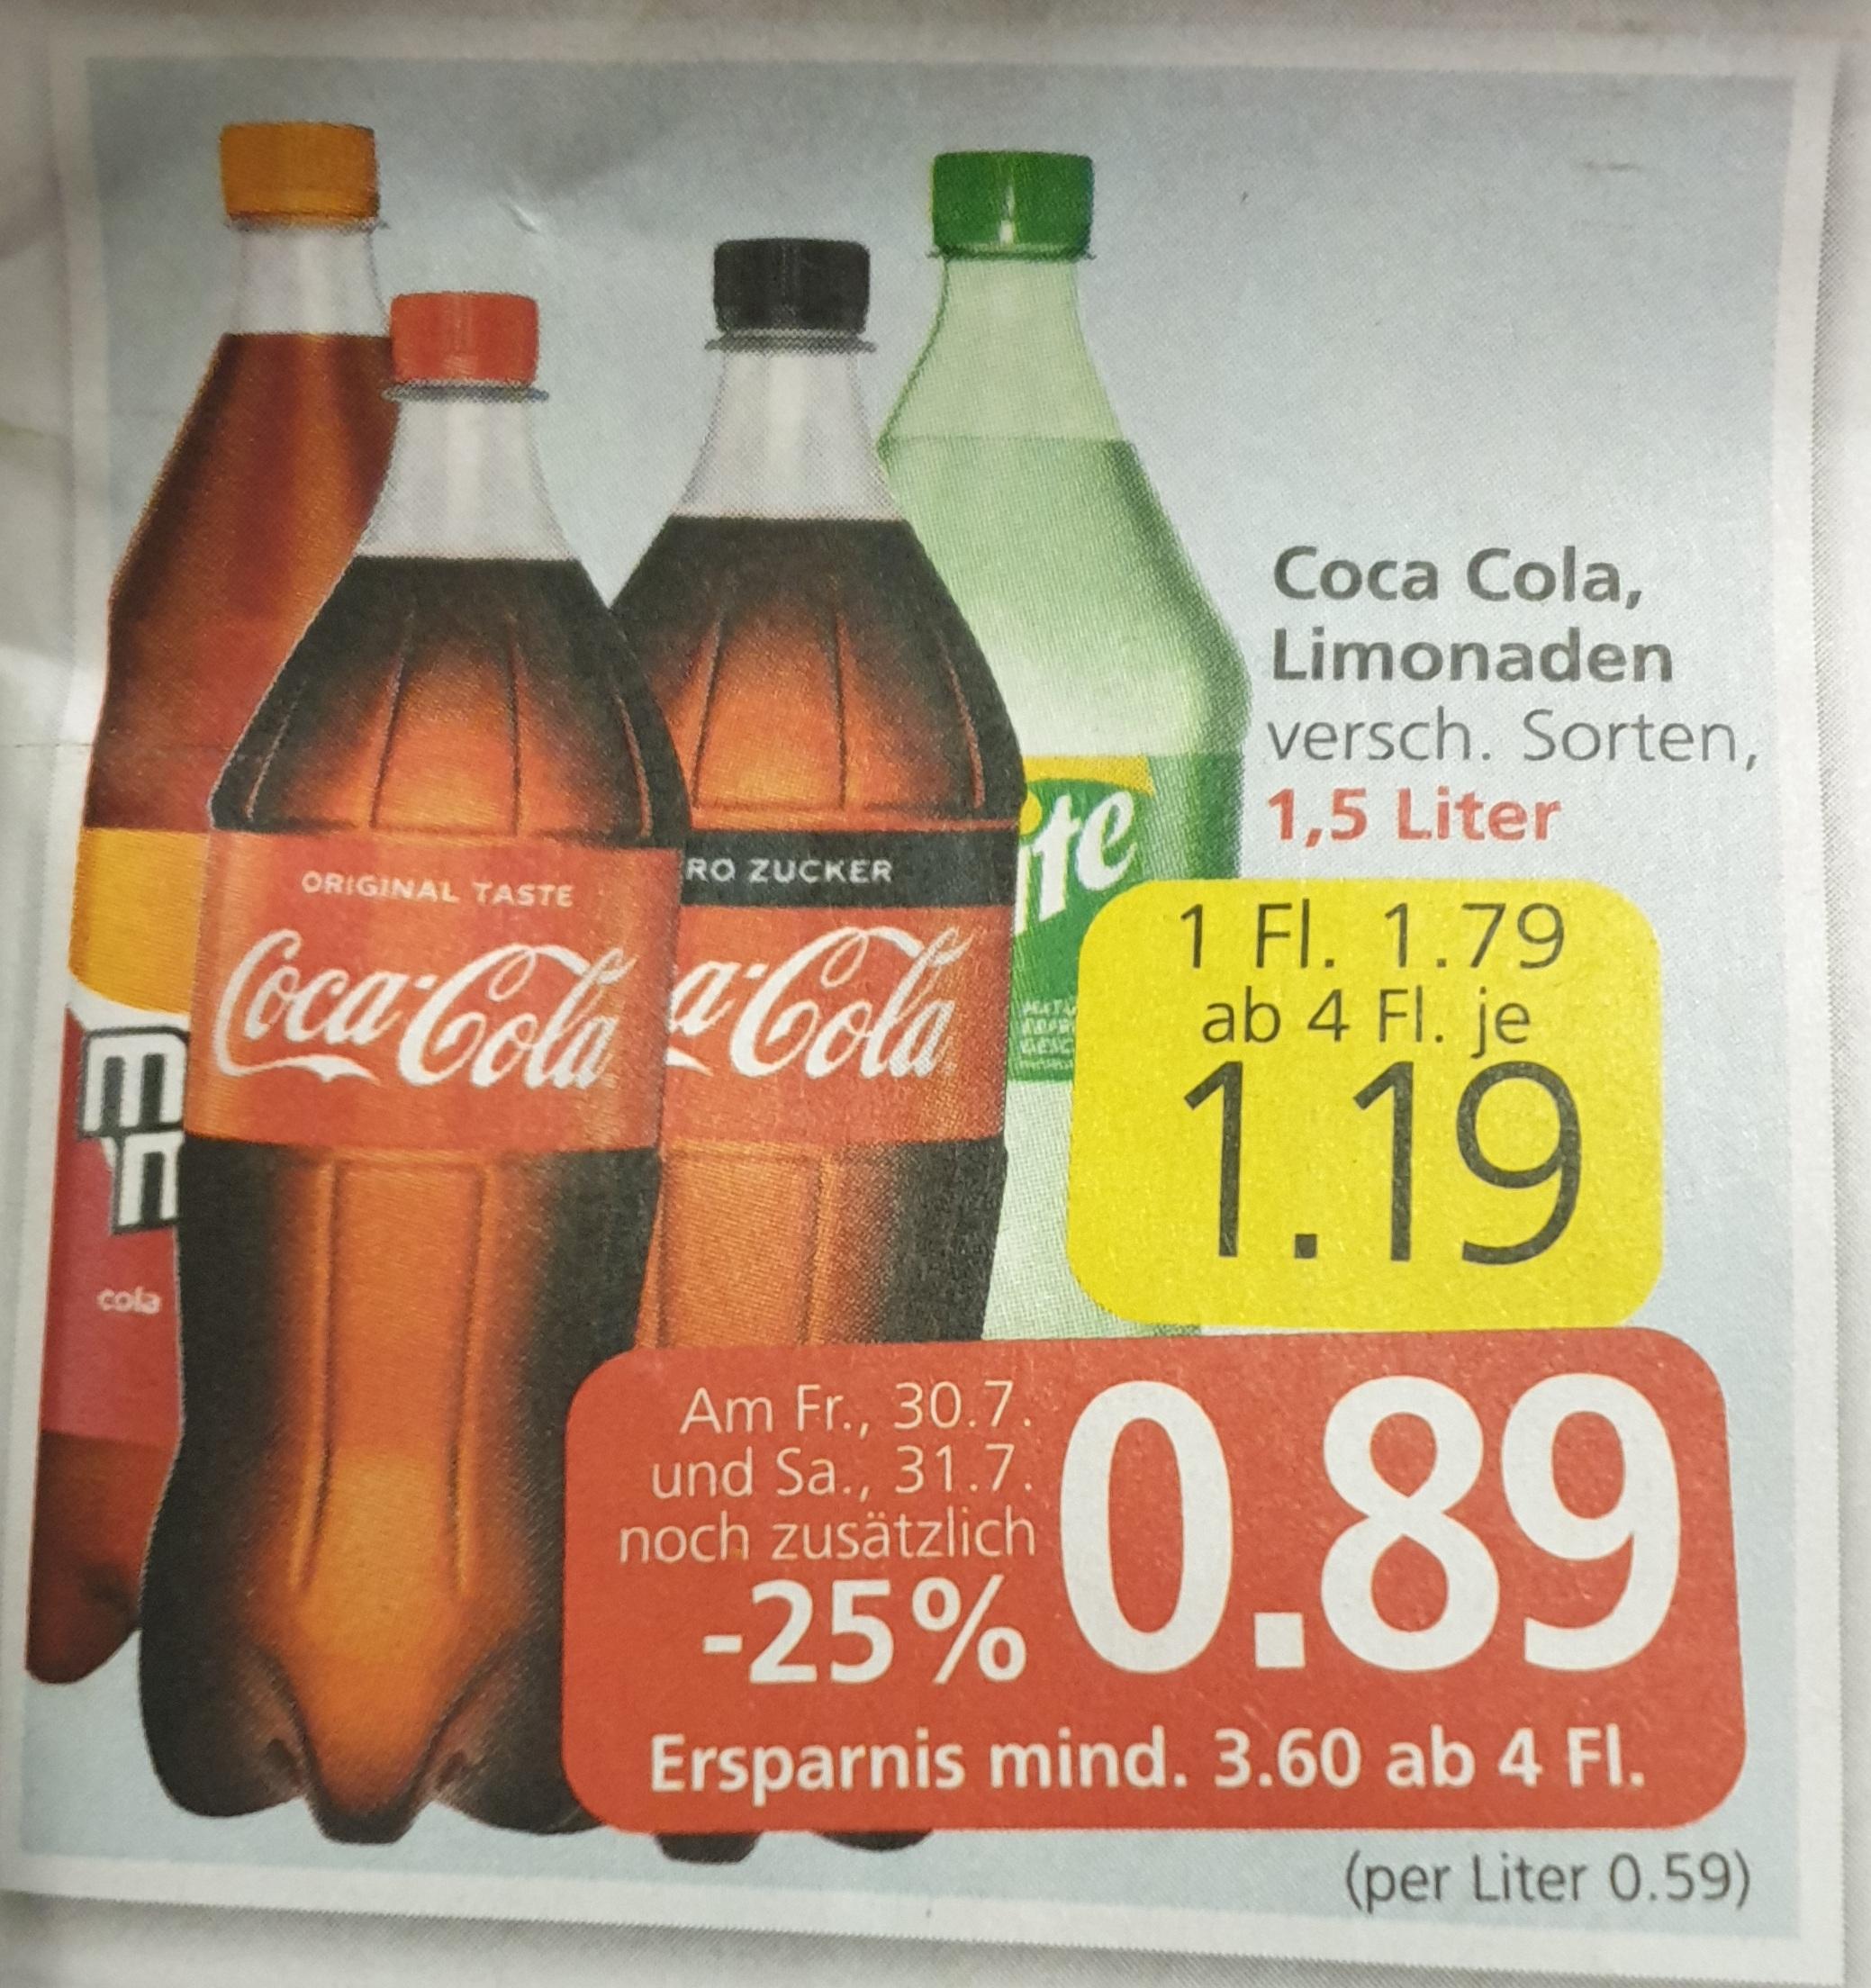 Coca Cola Limonaden (div. Sorten) 1,5 l und andere alkoholfreie Getränke in Aktion bei Spar, Eurospar und Interspar